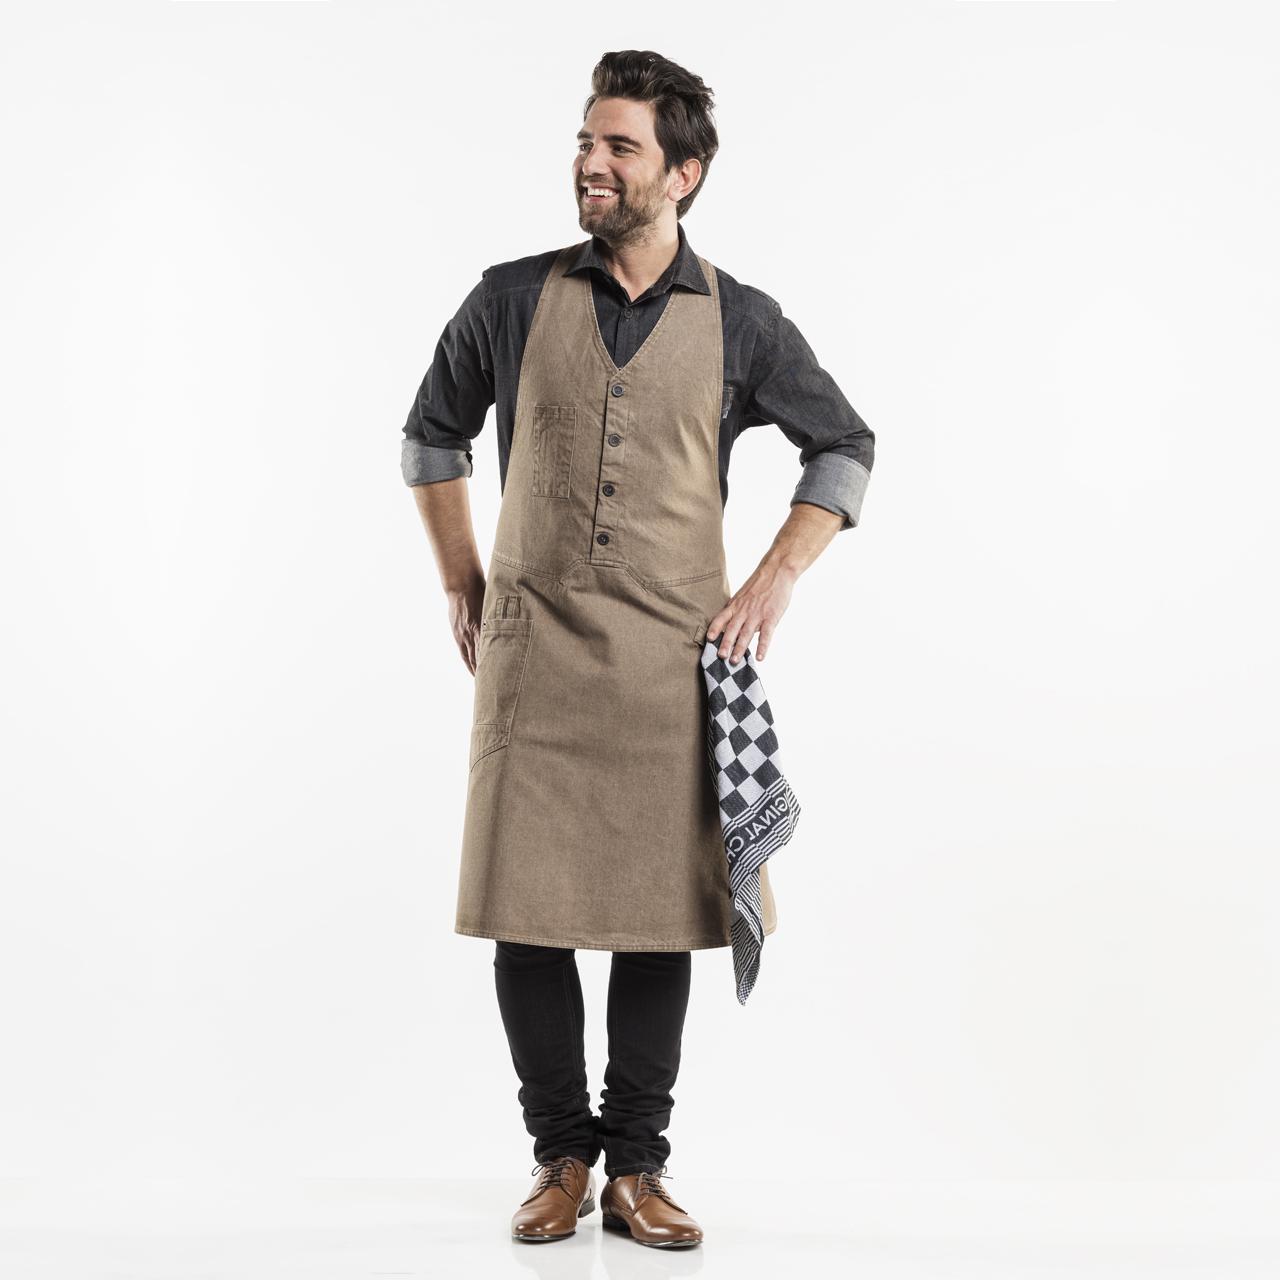 Bib apron V-neck with pocket